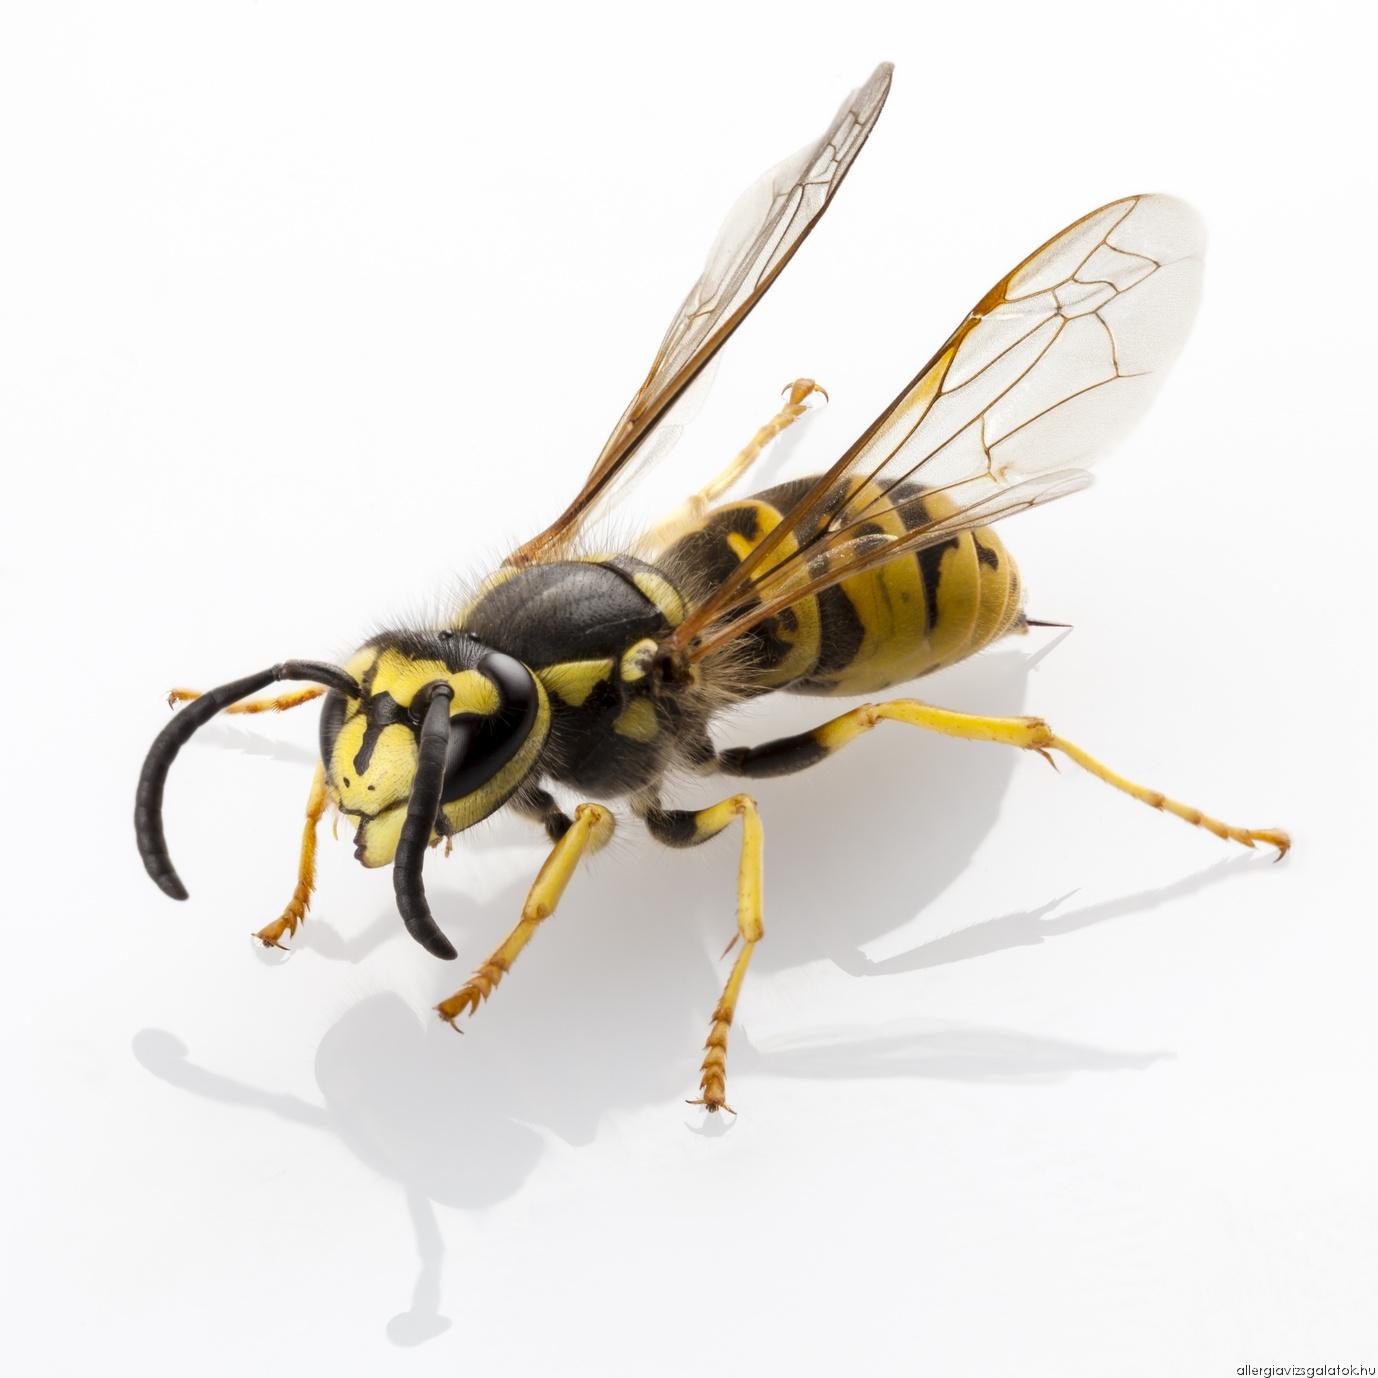 A rovarméreg-allergia az egyetlen allergia, ami gyógyítható!